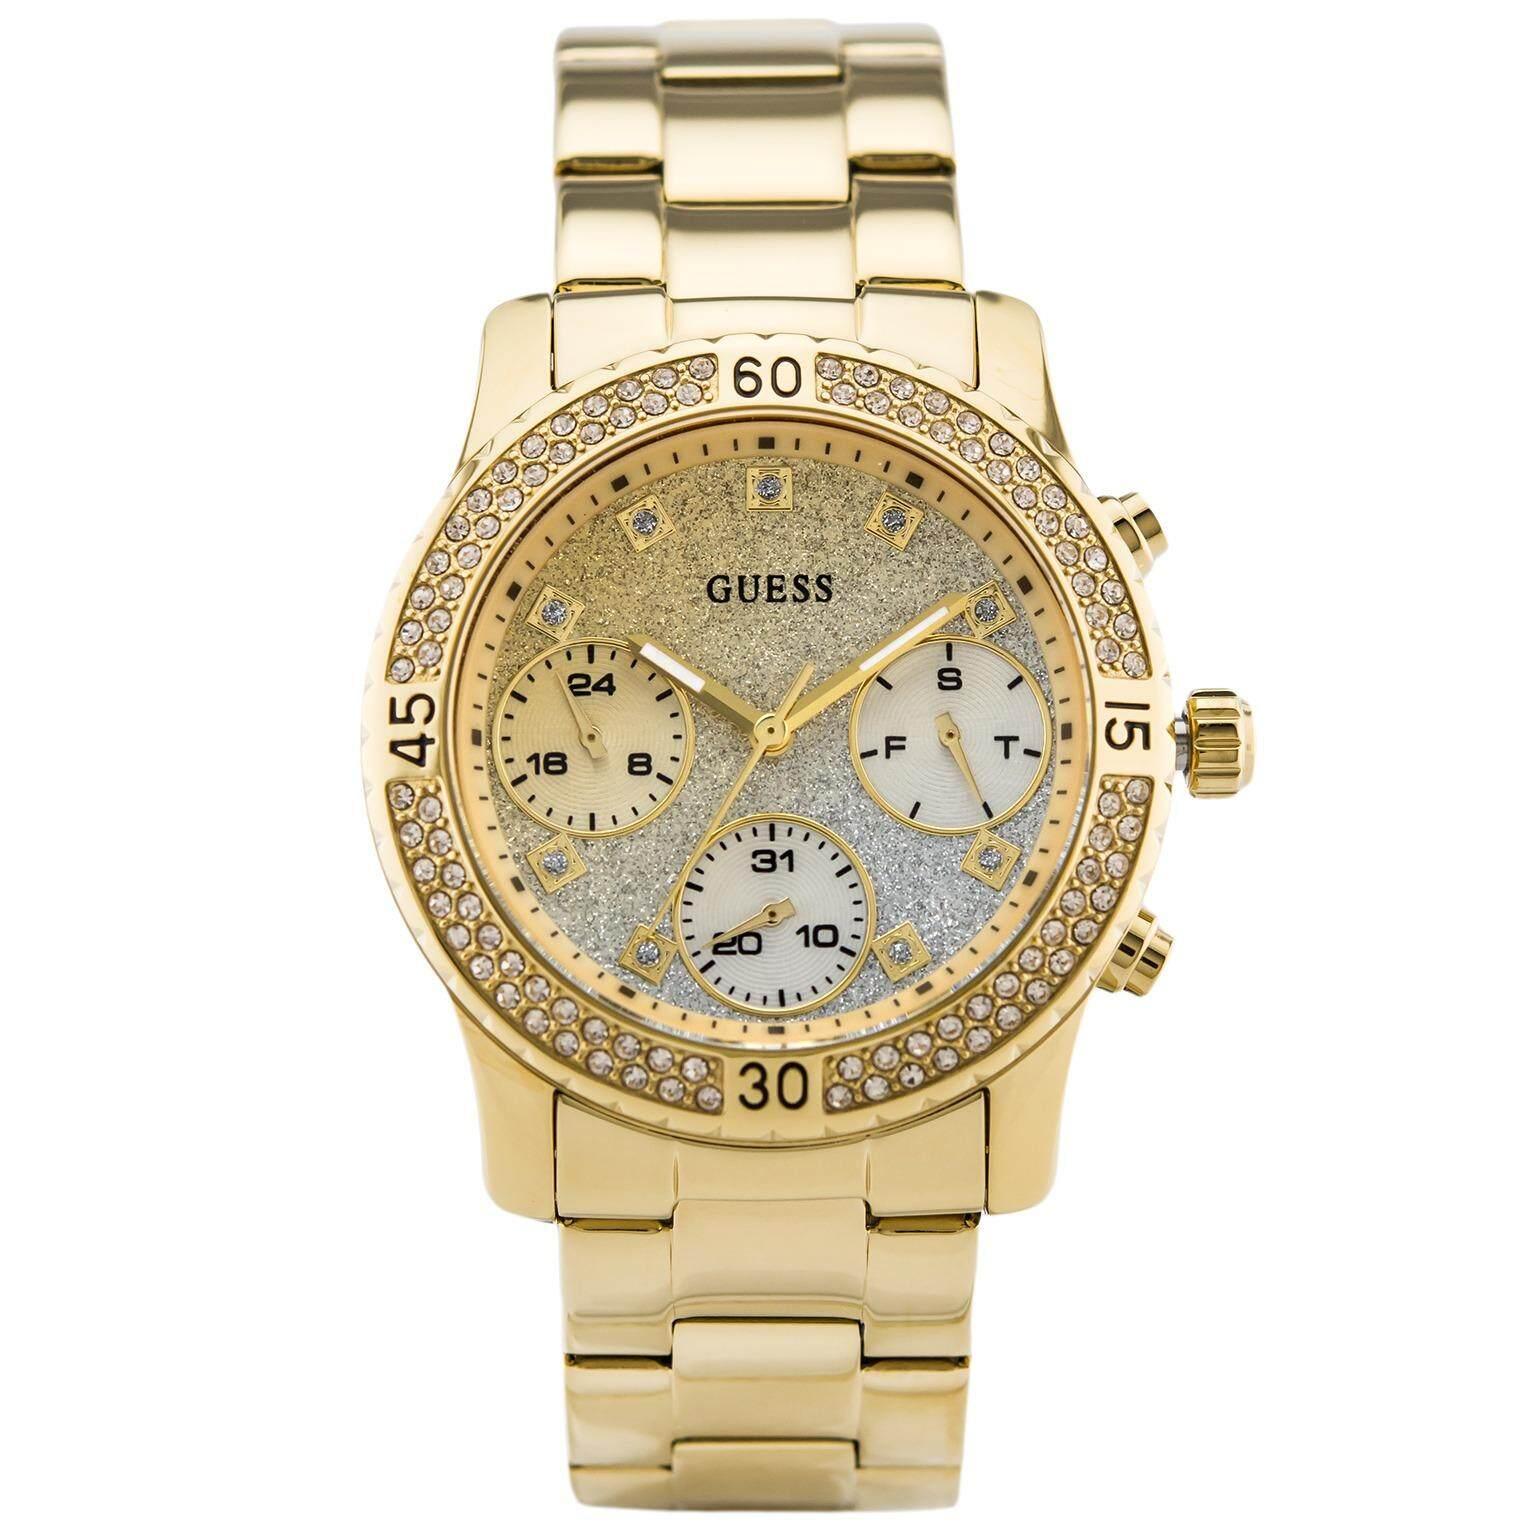 นาฬิกาผู้หญิง Guess Confetti Wrist Ladies Watch W0774L5